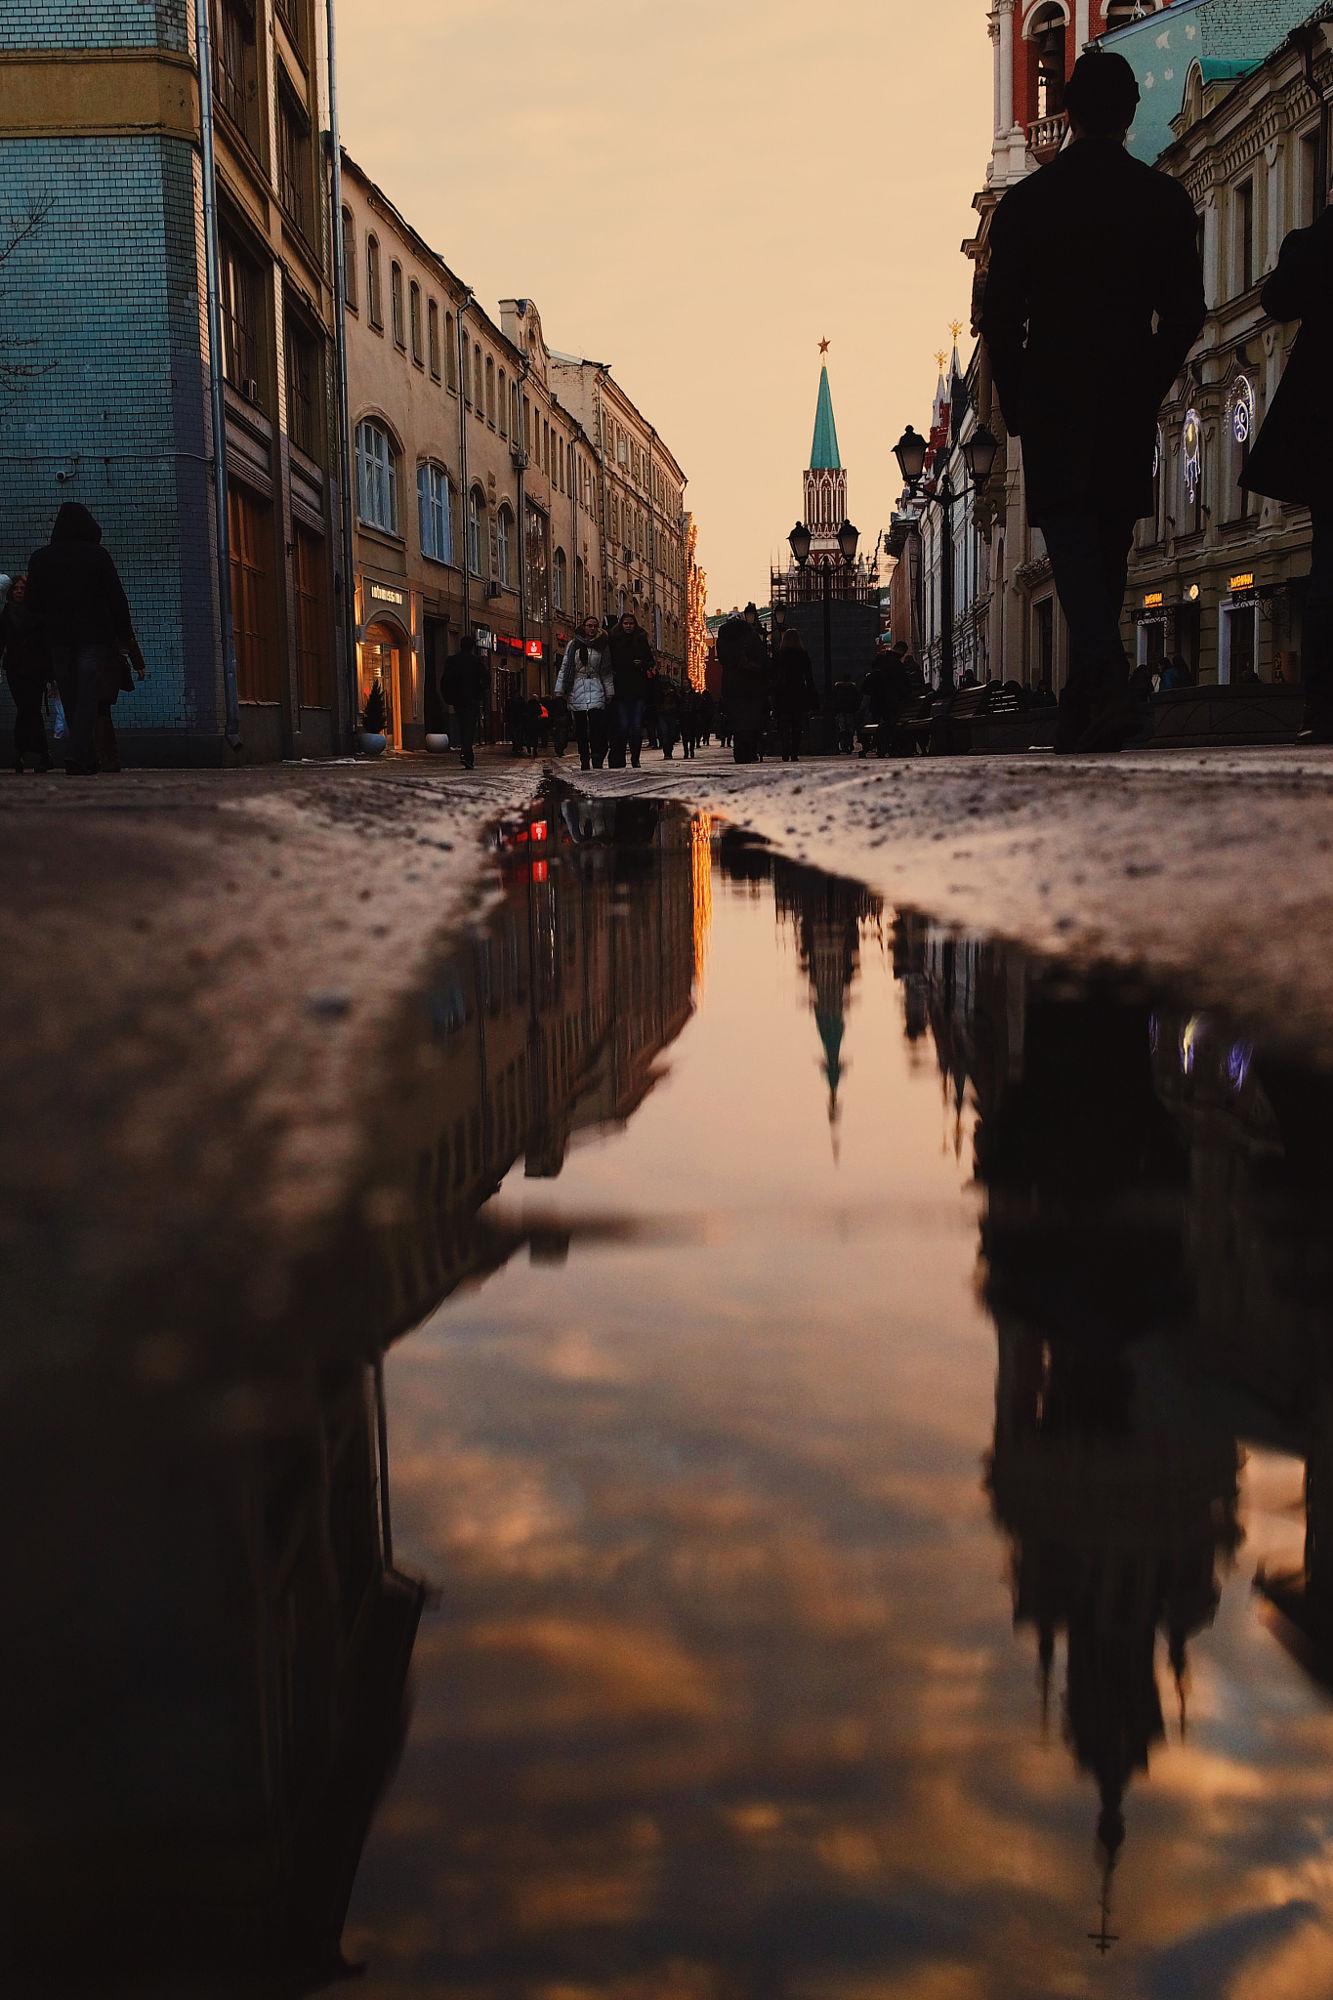 by Evgeny Tchebotarev